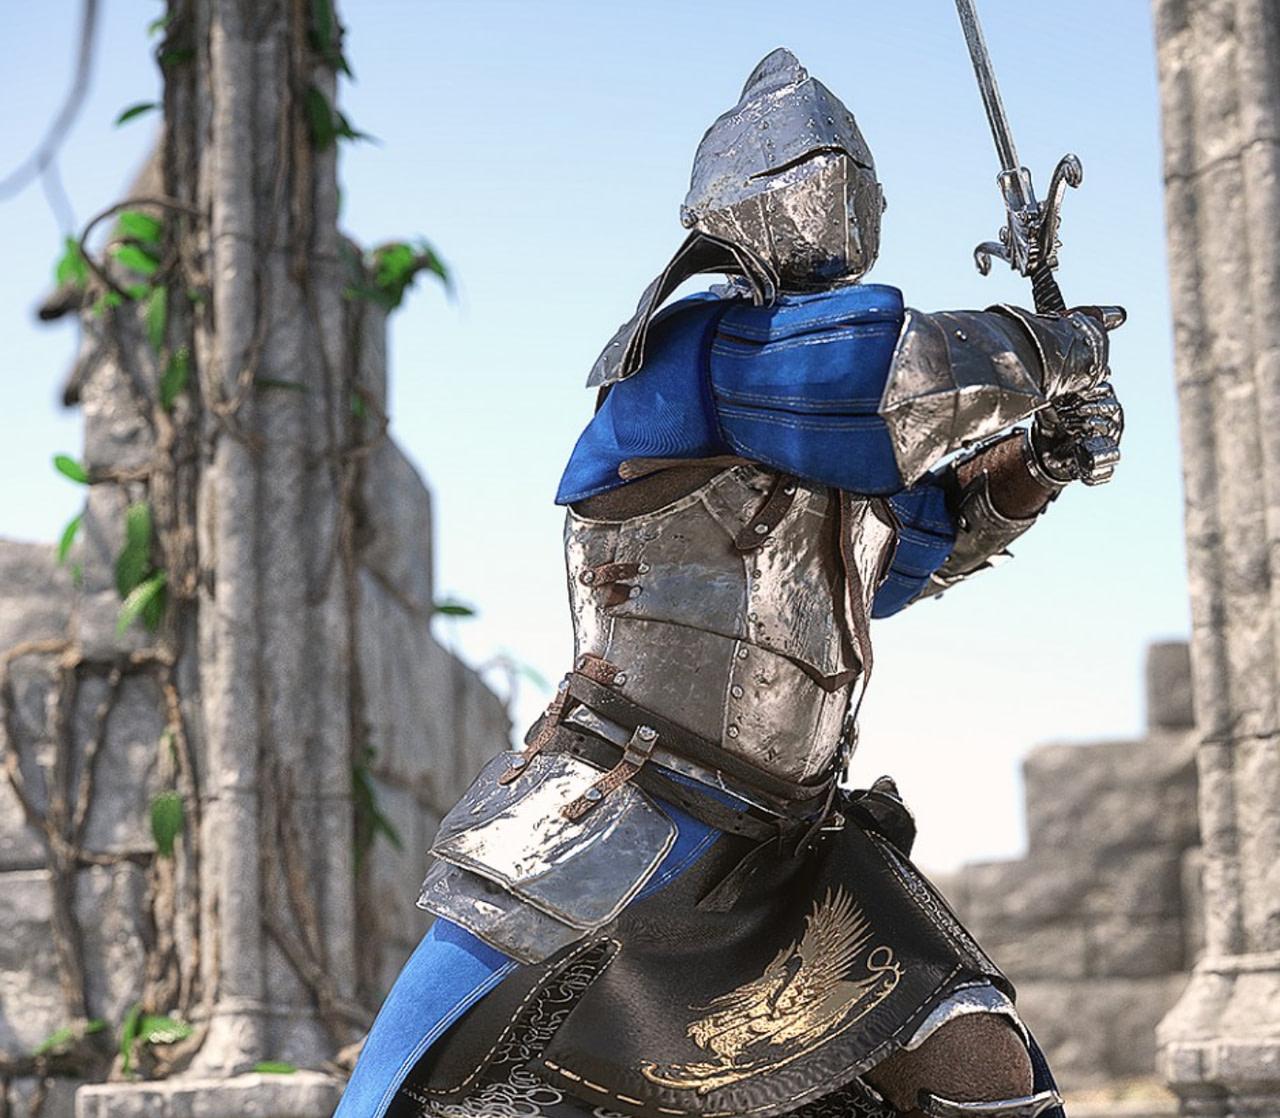 knight 3d model rendering